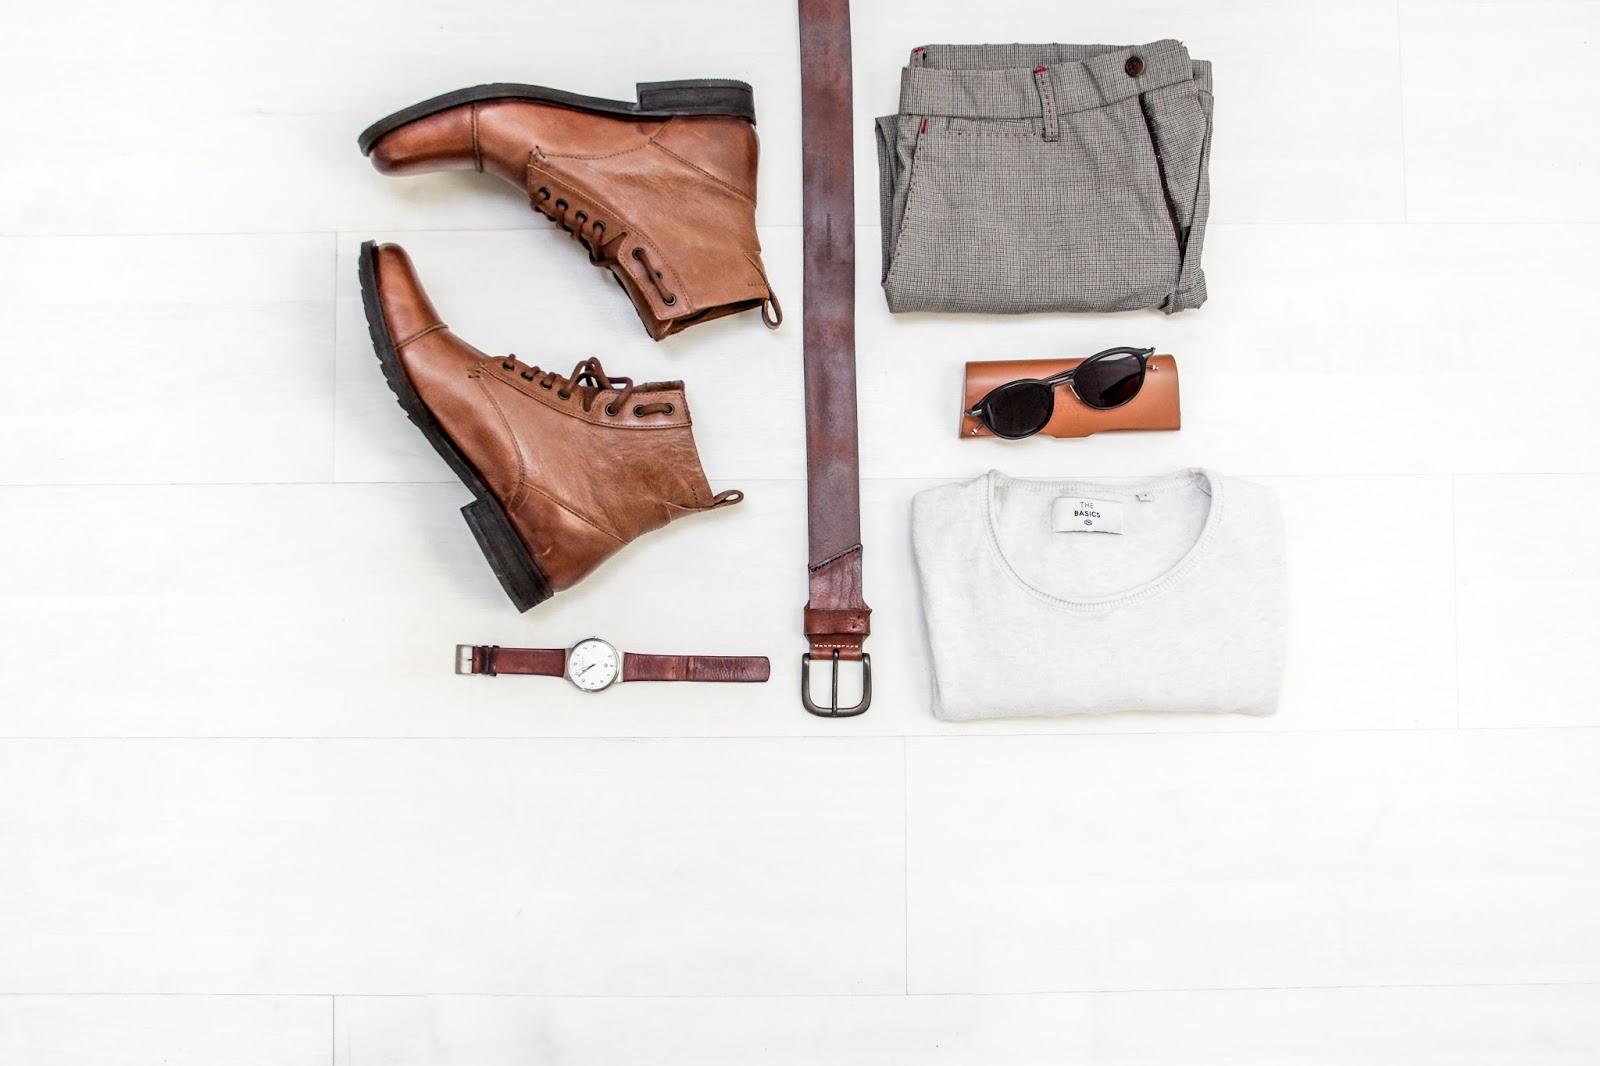 Tips Dan Cara Tampil Stylish Mengunakan Celana Chino Pria Panjang Krem Polos Memang Tidak Membutuhkan Waktu Lebih Bahkan Ekstra Untuk Menyesuaikan Style Berpakaiannya Namun Ada Kalanya Pun